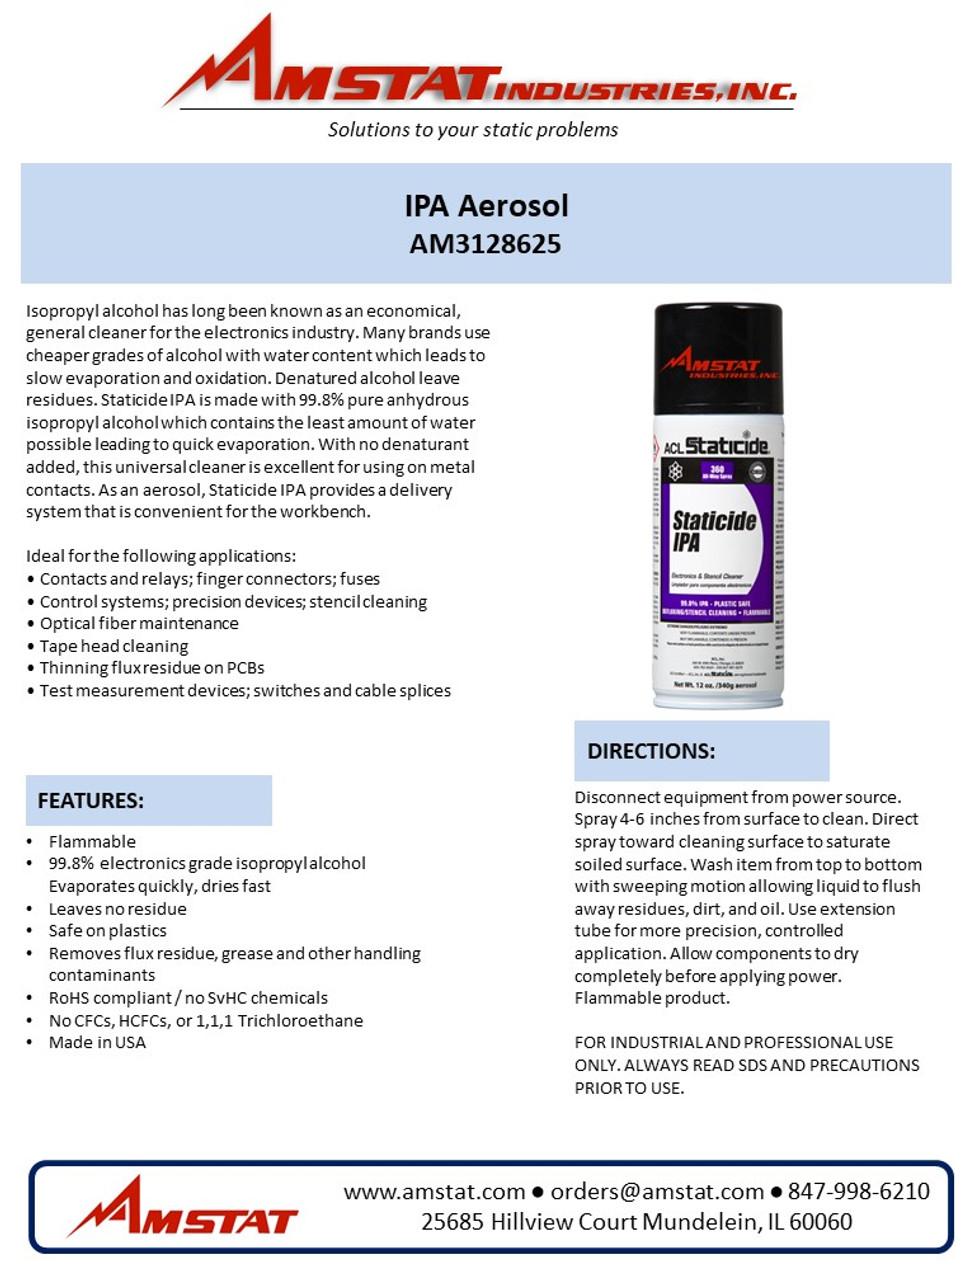 IPA Aerosol Can